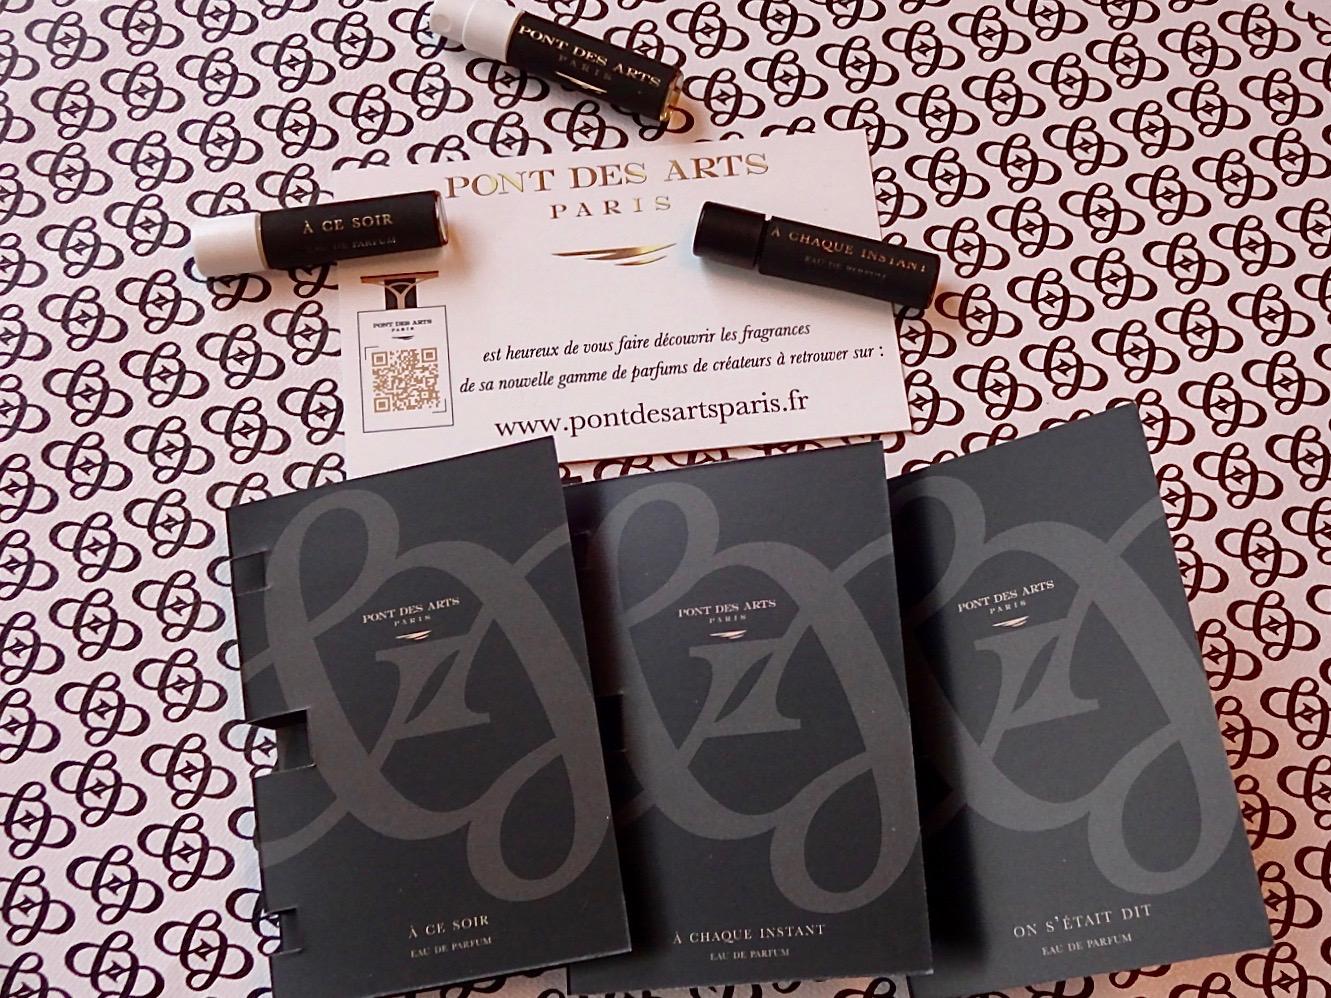 échantillons de parfums Pont des Arts Paris